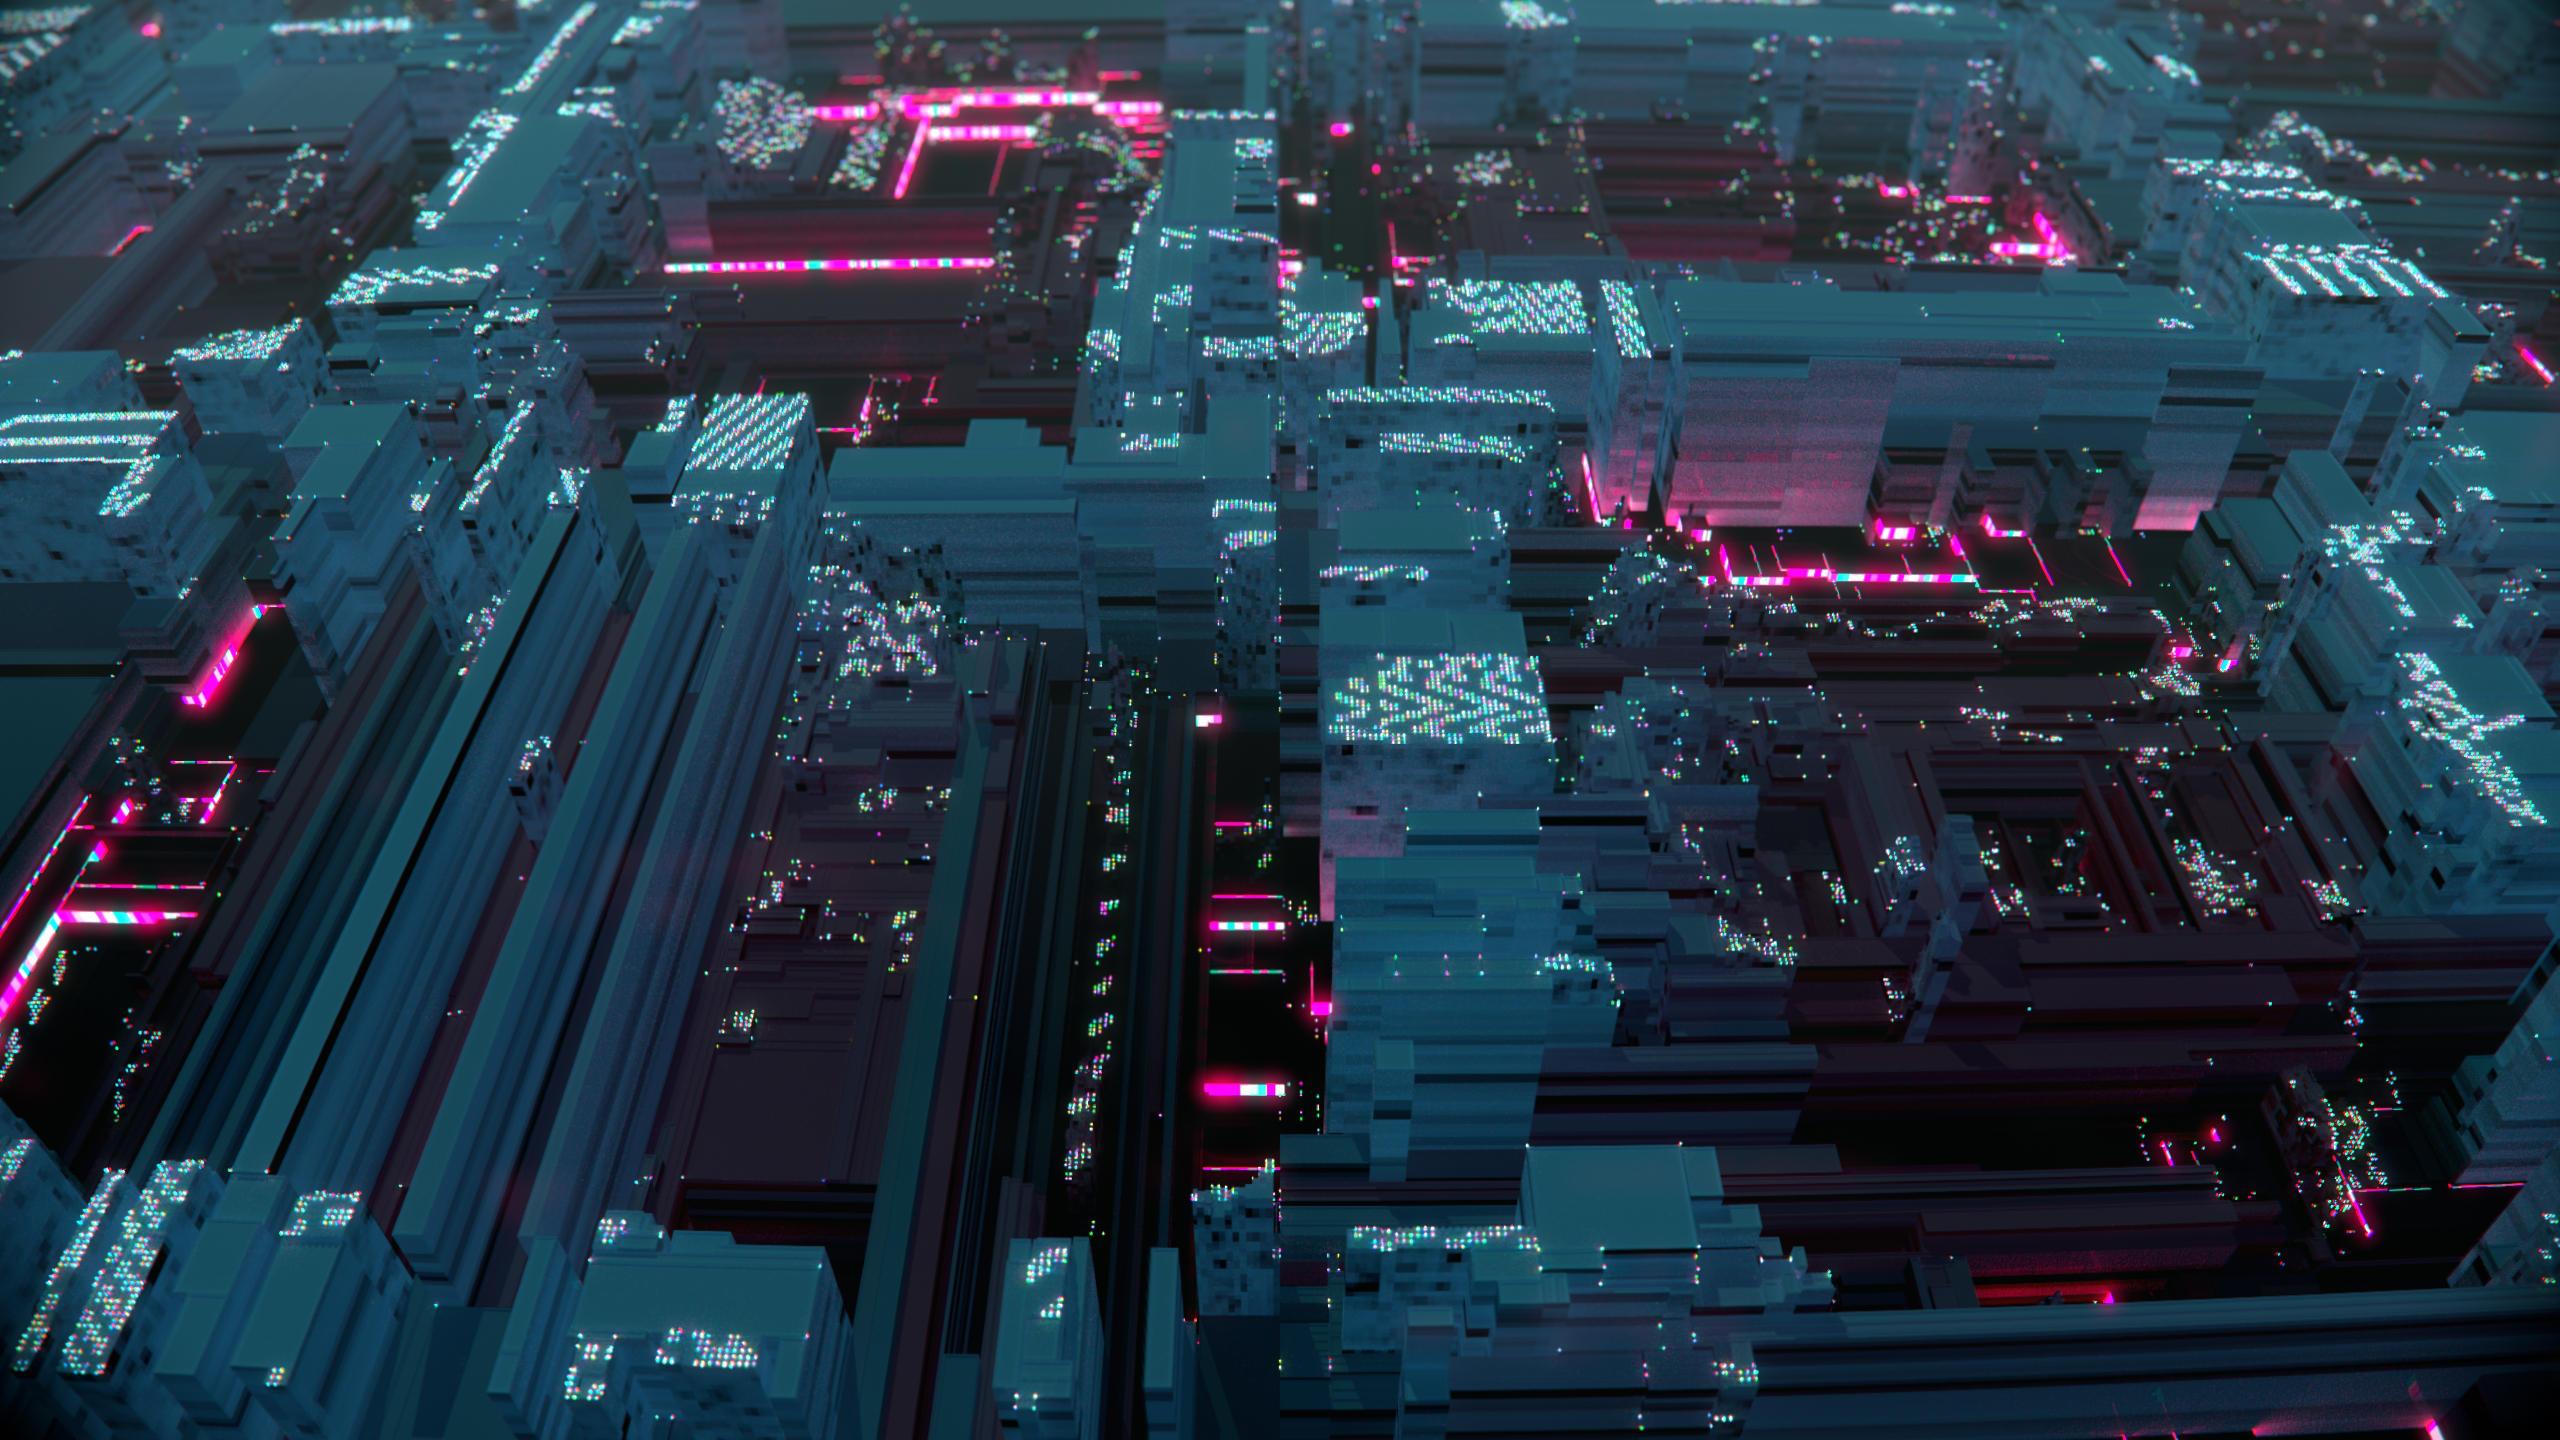 CyberCity #.009 by Shelest